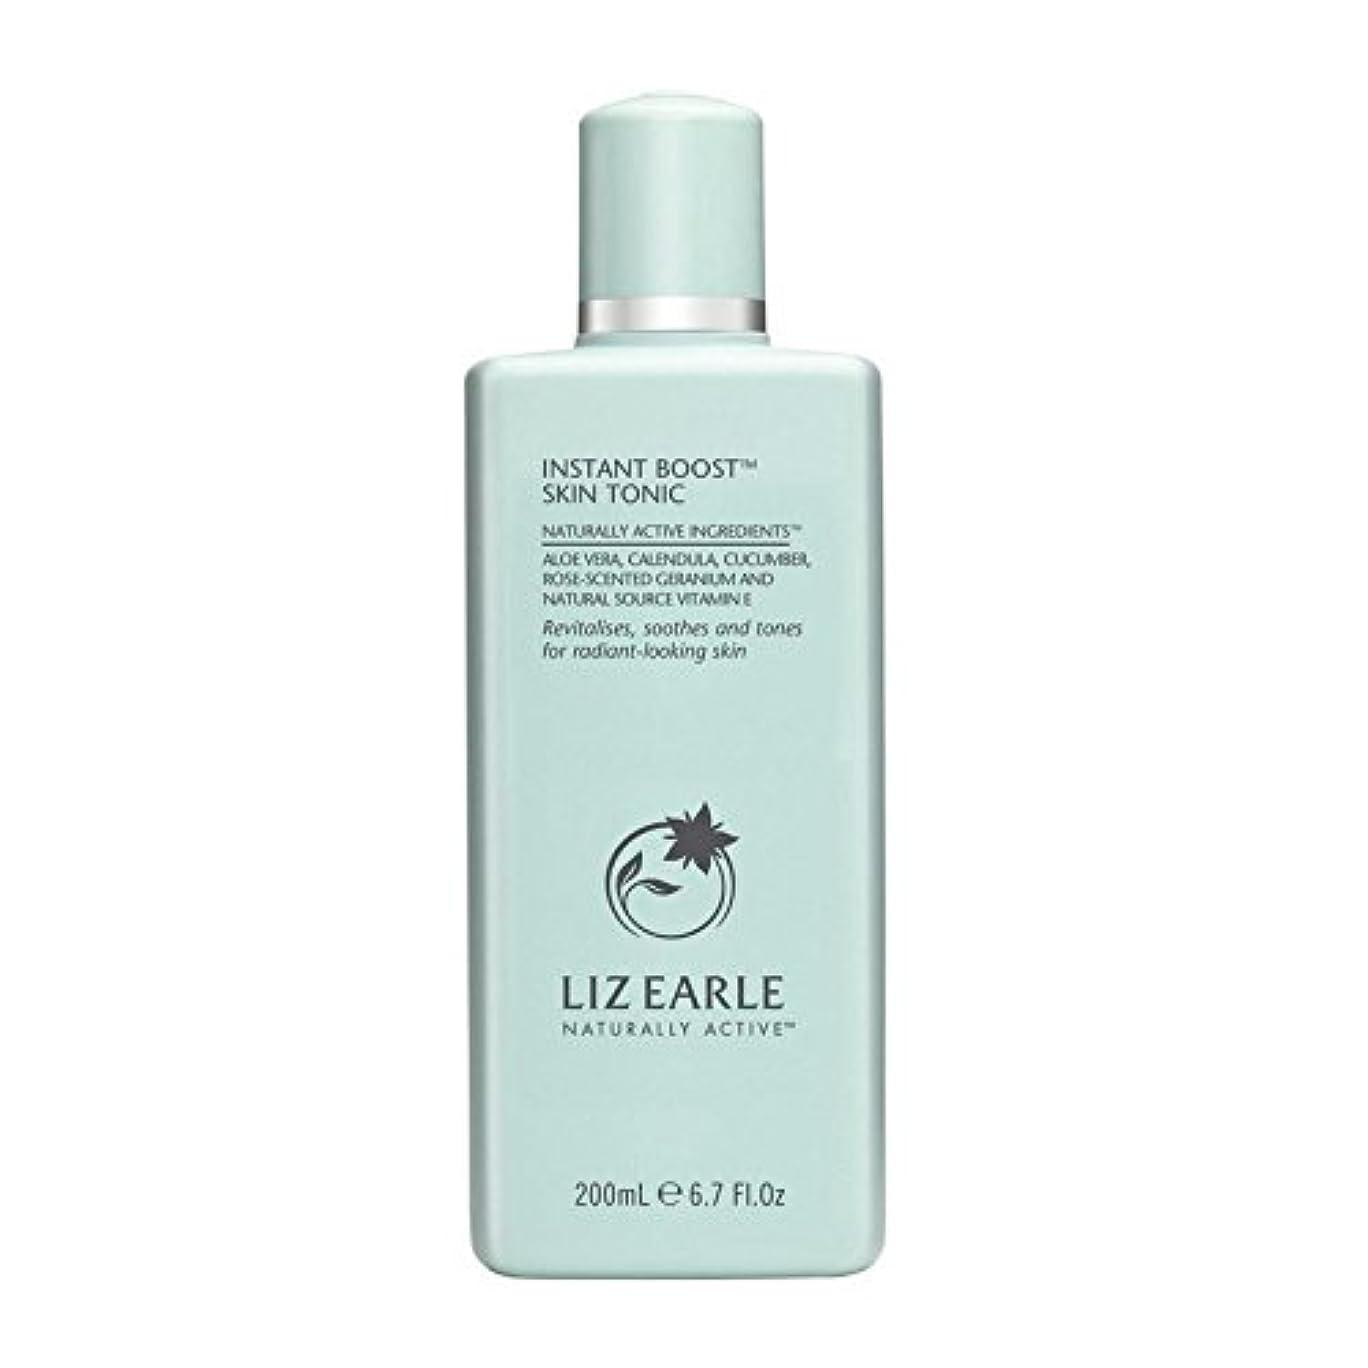 以下配管一致Liz Earle Instant Boost Skin Tonic Bottle 200ml (Pack of 6) - リズアールインスタントブーストスキントニックボトル200ミリリットル x6 [並行輸入品]